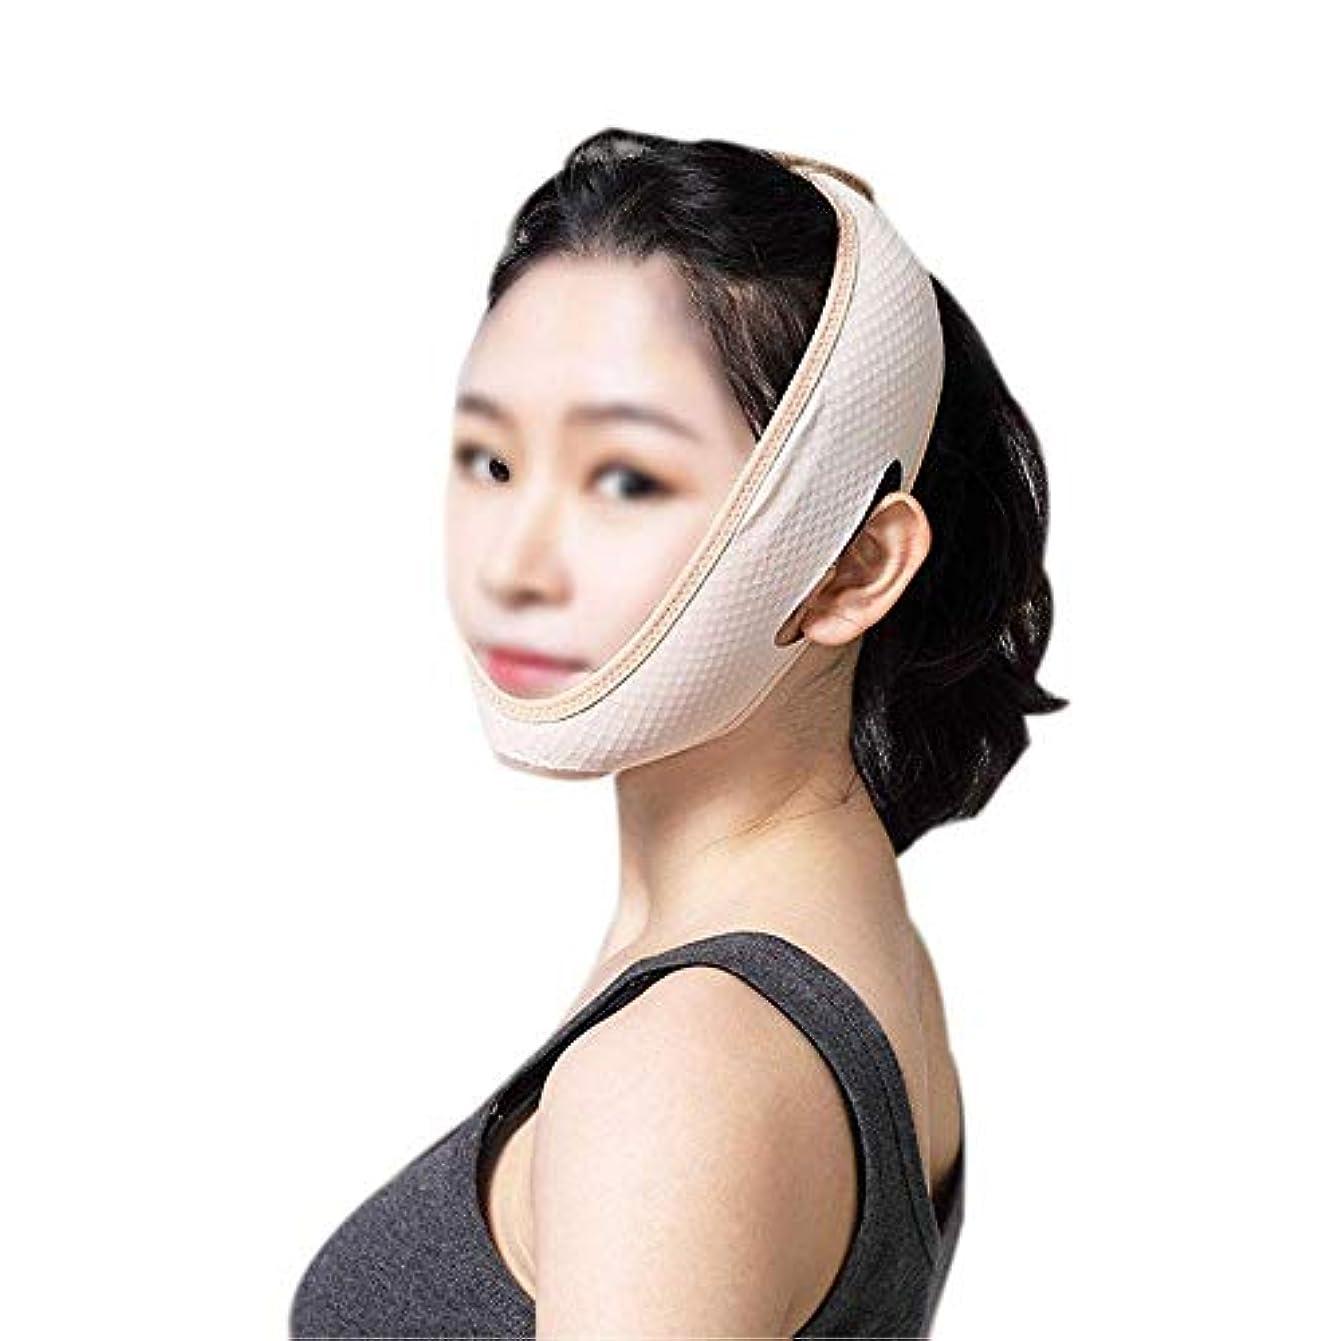 どちらかコードレスしっとりフェイスリフティングバンデージ、肌の引き締めを強化する薄いフェイスマスクの睡眠、ダブルチンマスクの削減